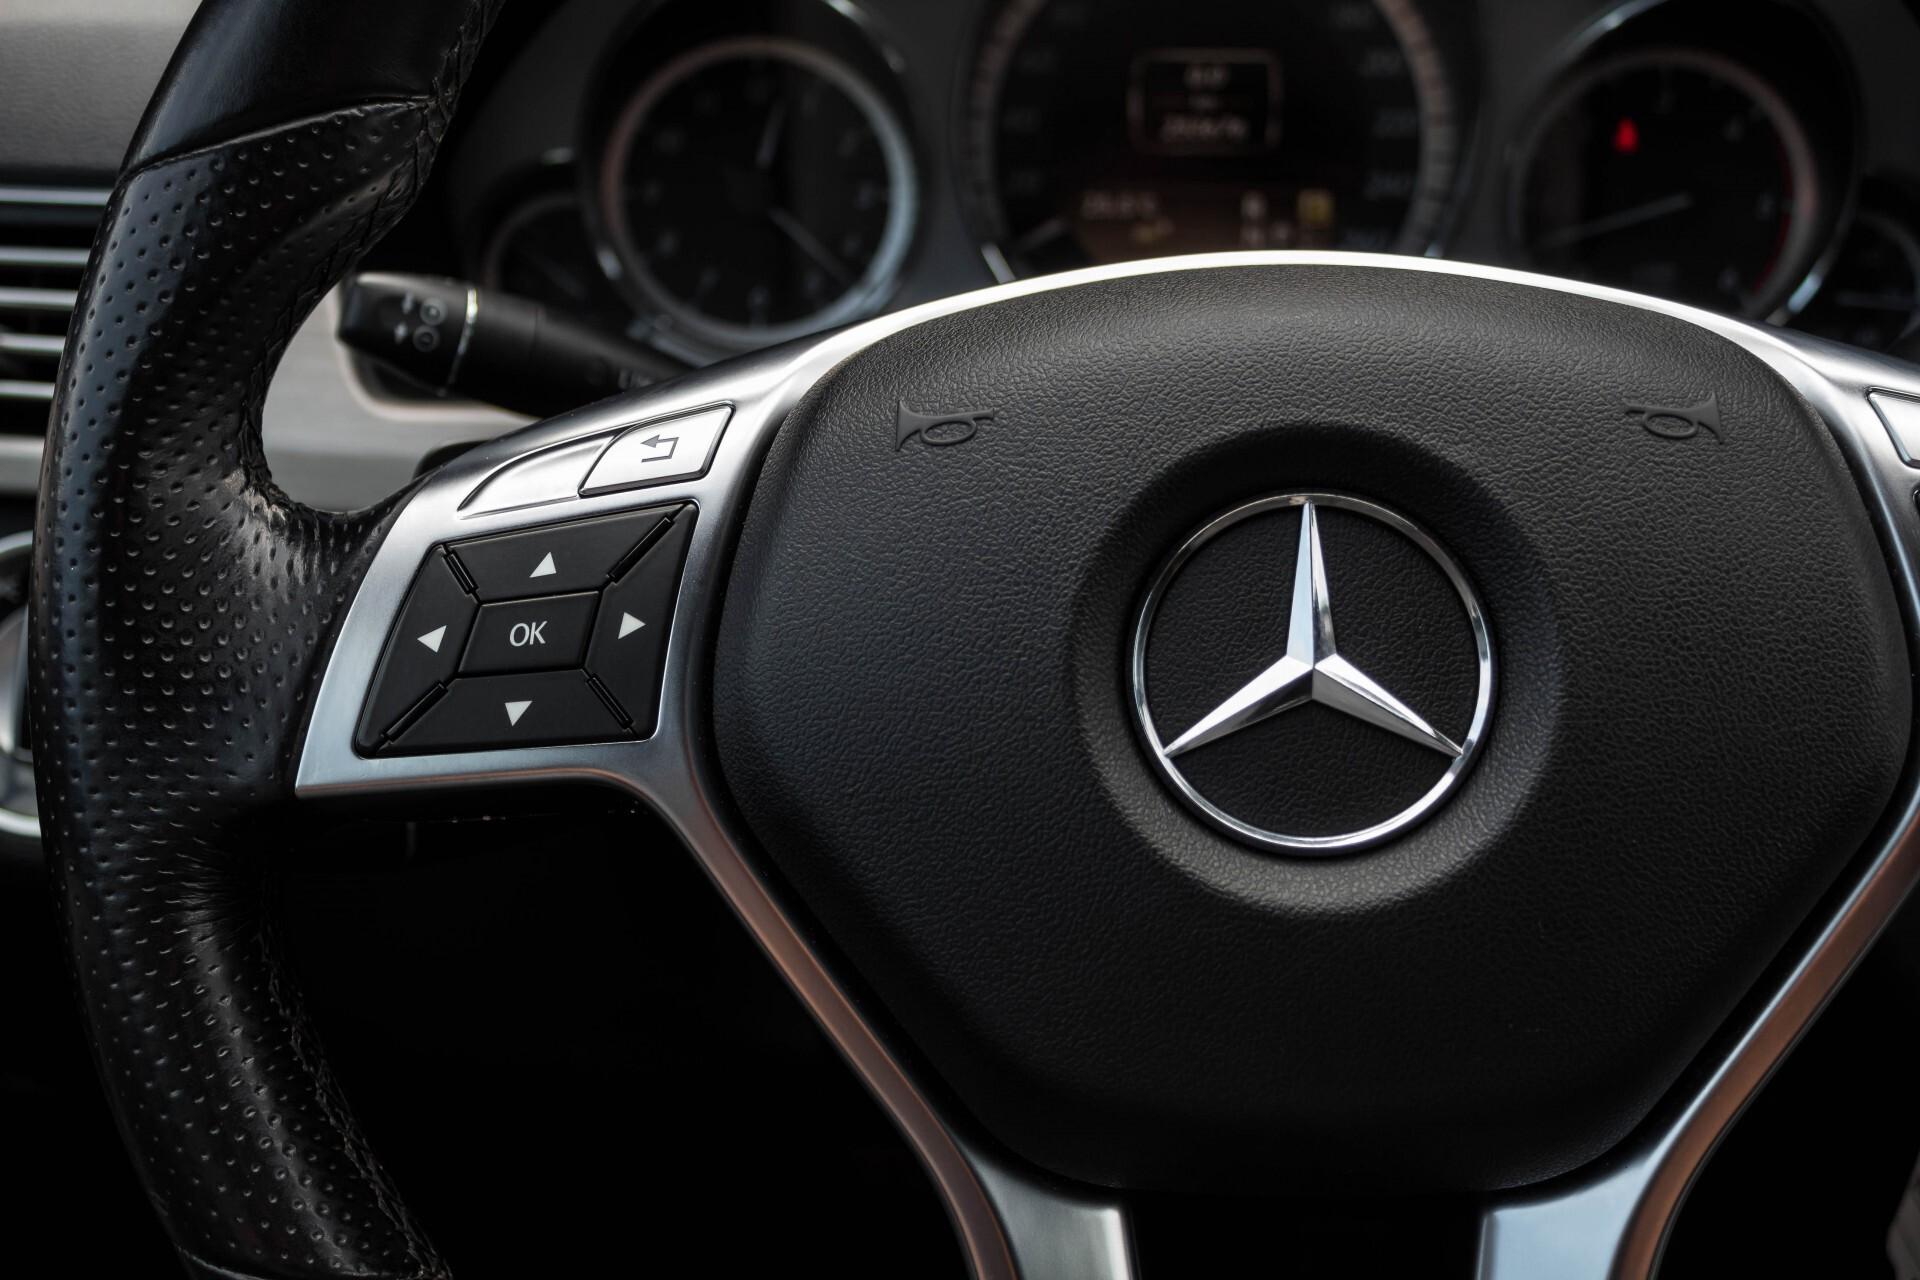 Mercedes-Benz E-Klasse Estate 350 Cdi AMG Luchtvering/Schuifdak/Comand/Harman Kardon/ILS Aut7 Foto 10